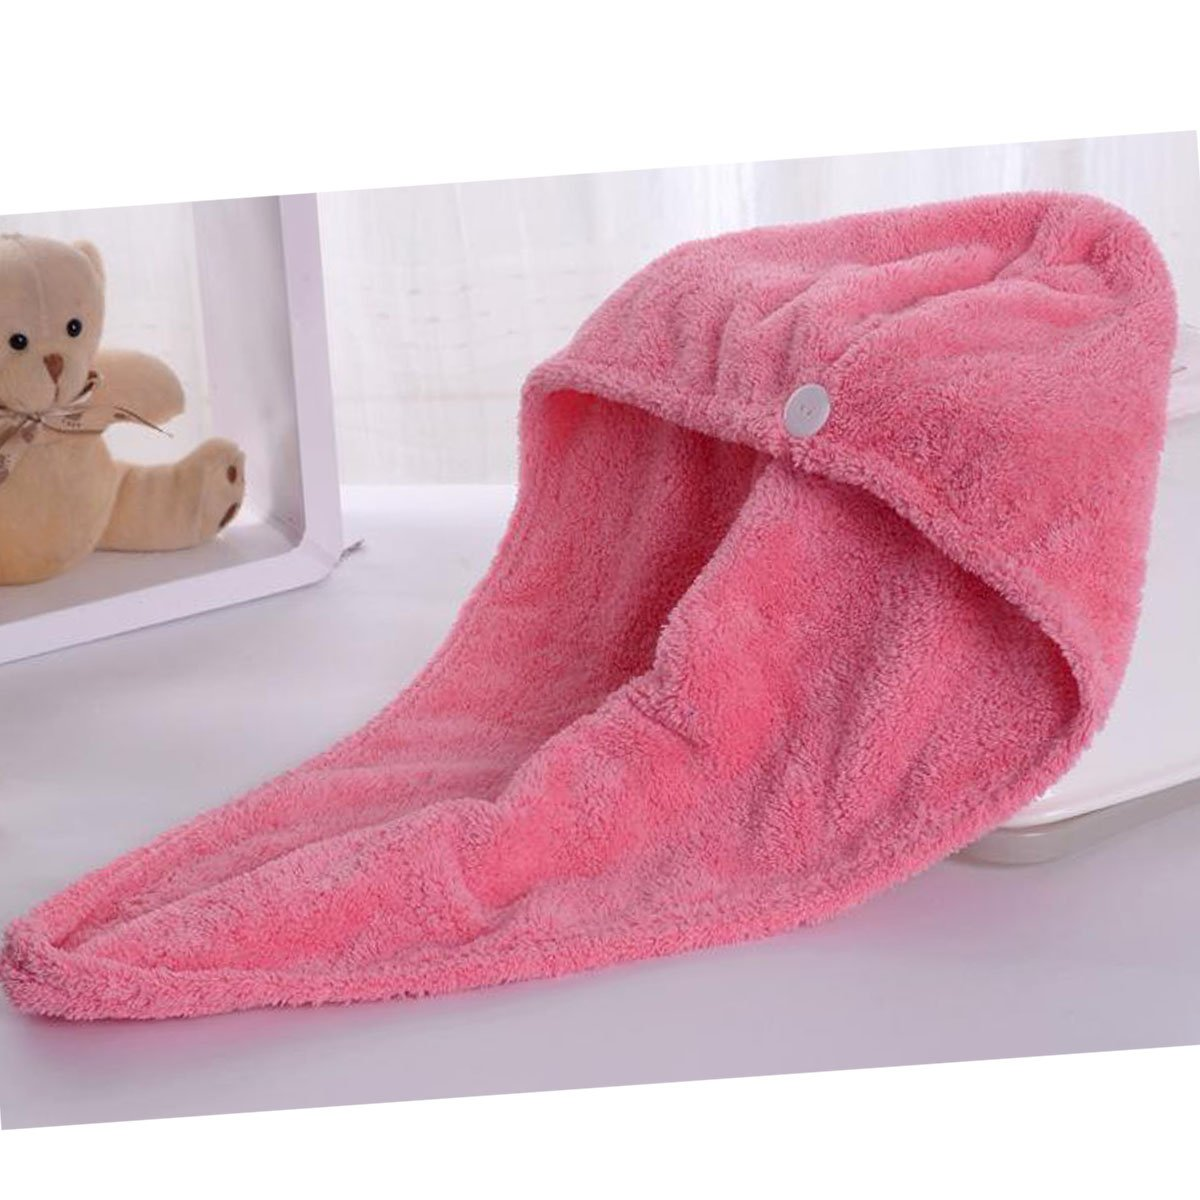 Ukey Pelo de Microfibra Turbante Toalla Wrap Super Absorbente Toalla para el Pelo para niños y Adultos Largo de Pelo Corto Tiempo de Secado de Pelo de ...